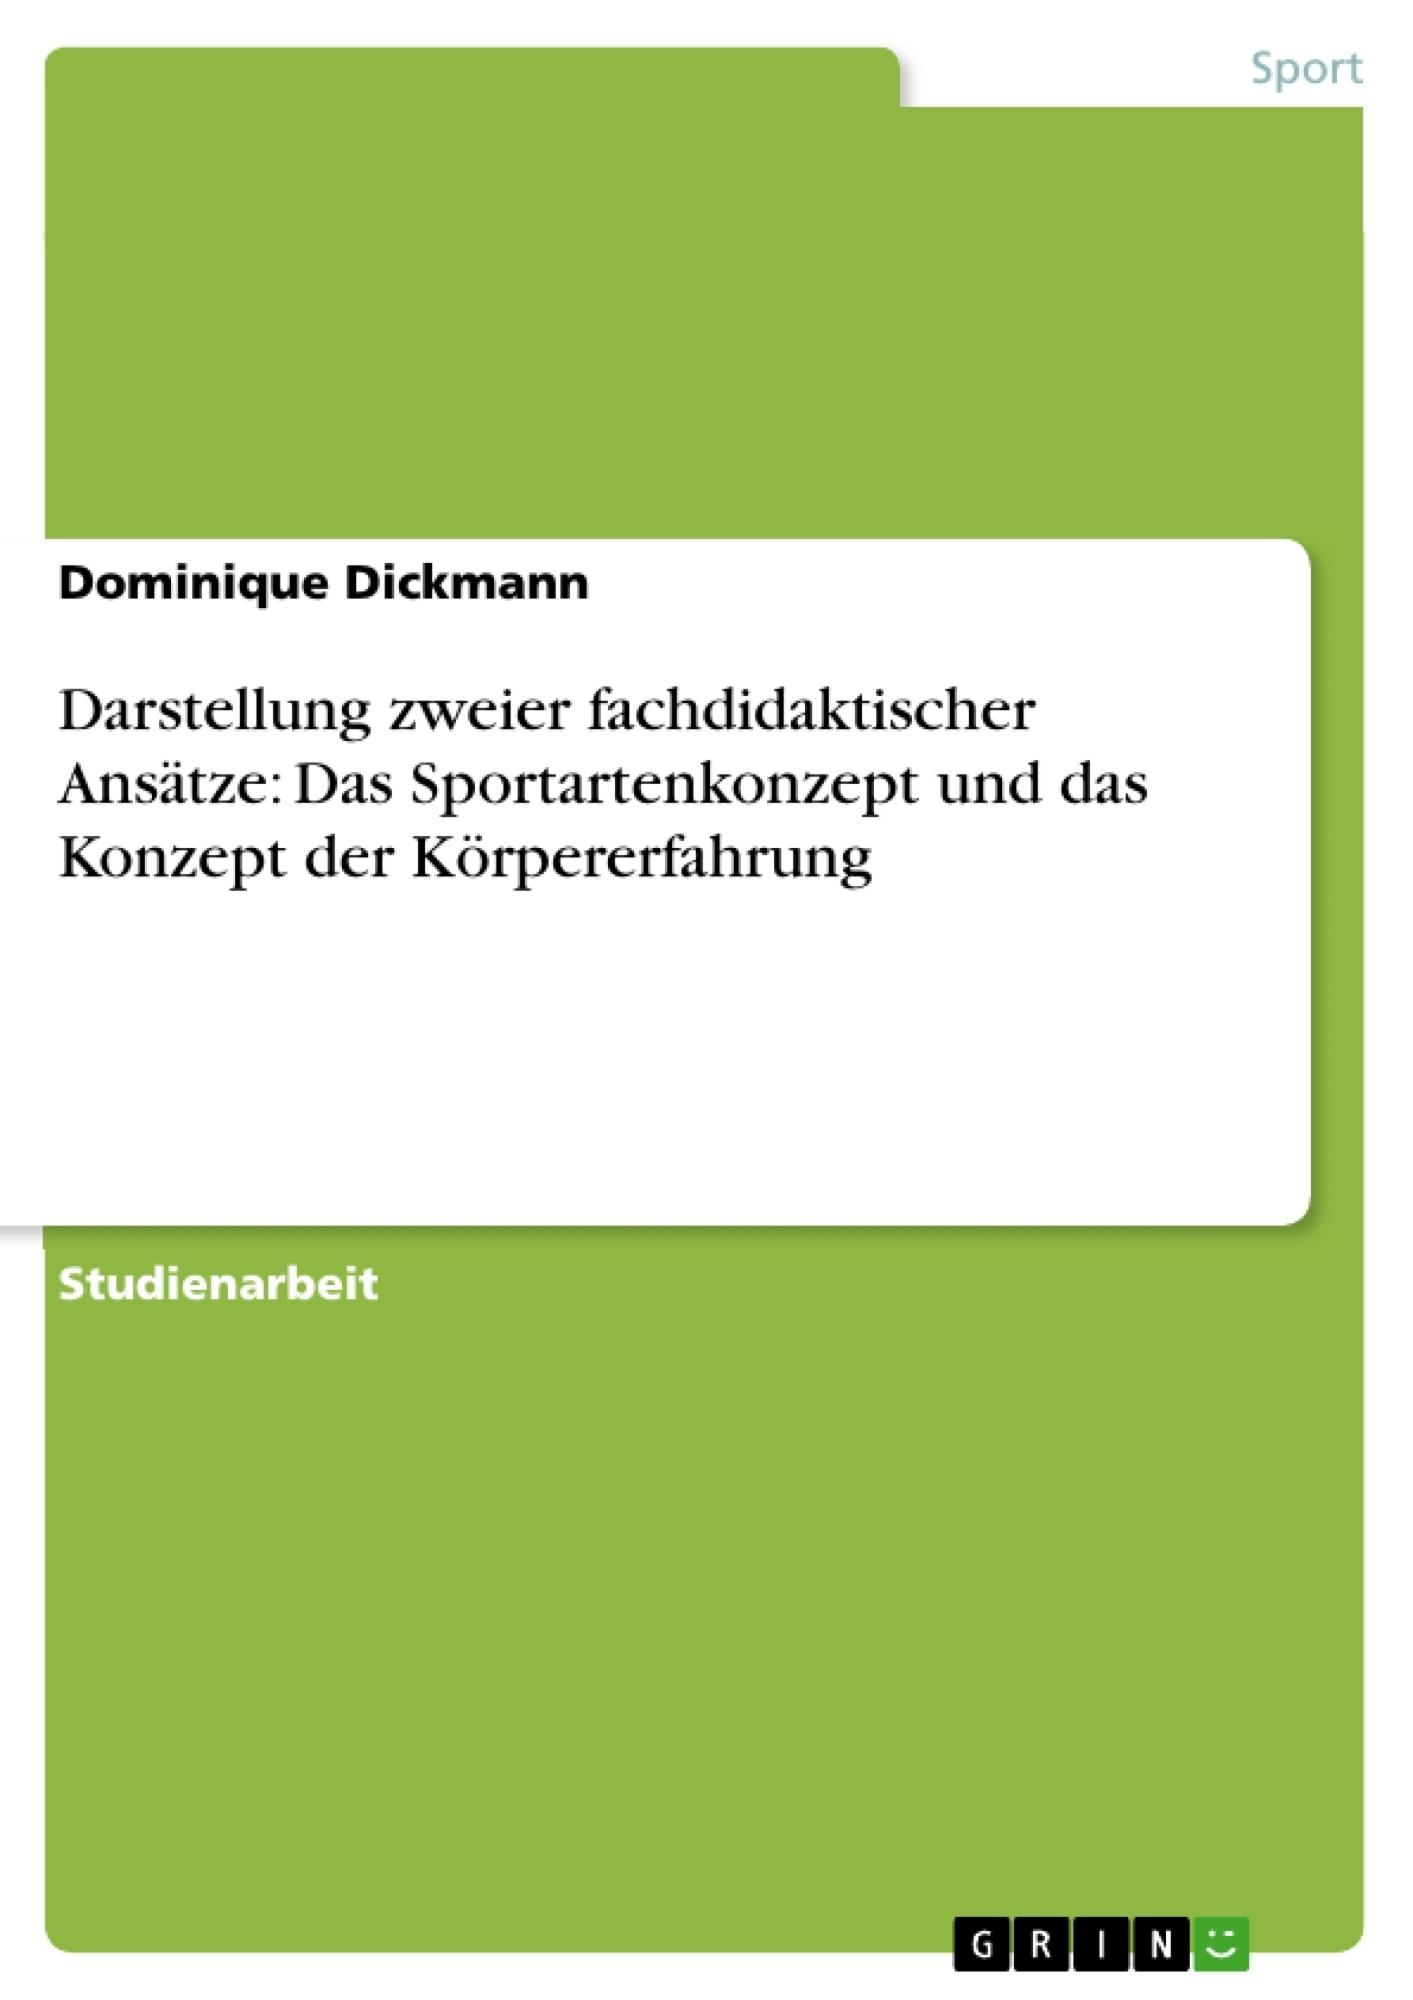 Titel: Darstellung zweier fachdidaktischer Ansätze: Das Sportartenkonzept und das Konzept der Körpererfahrung